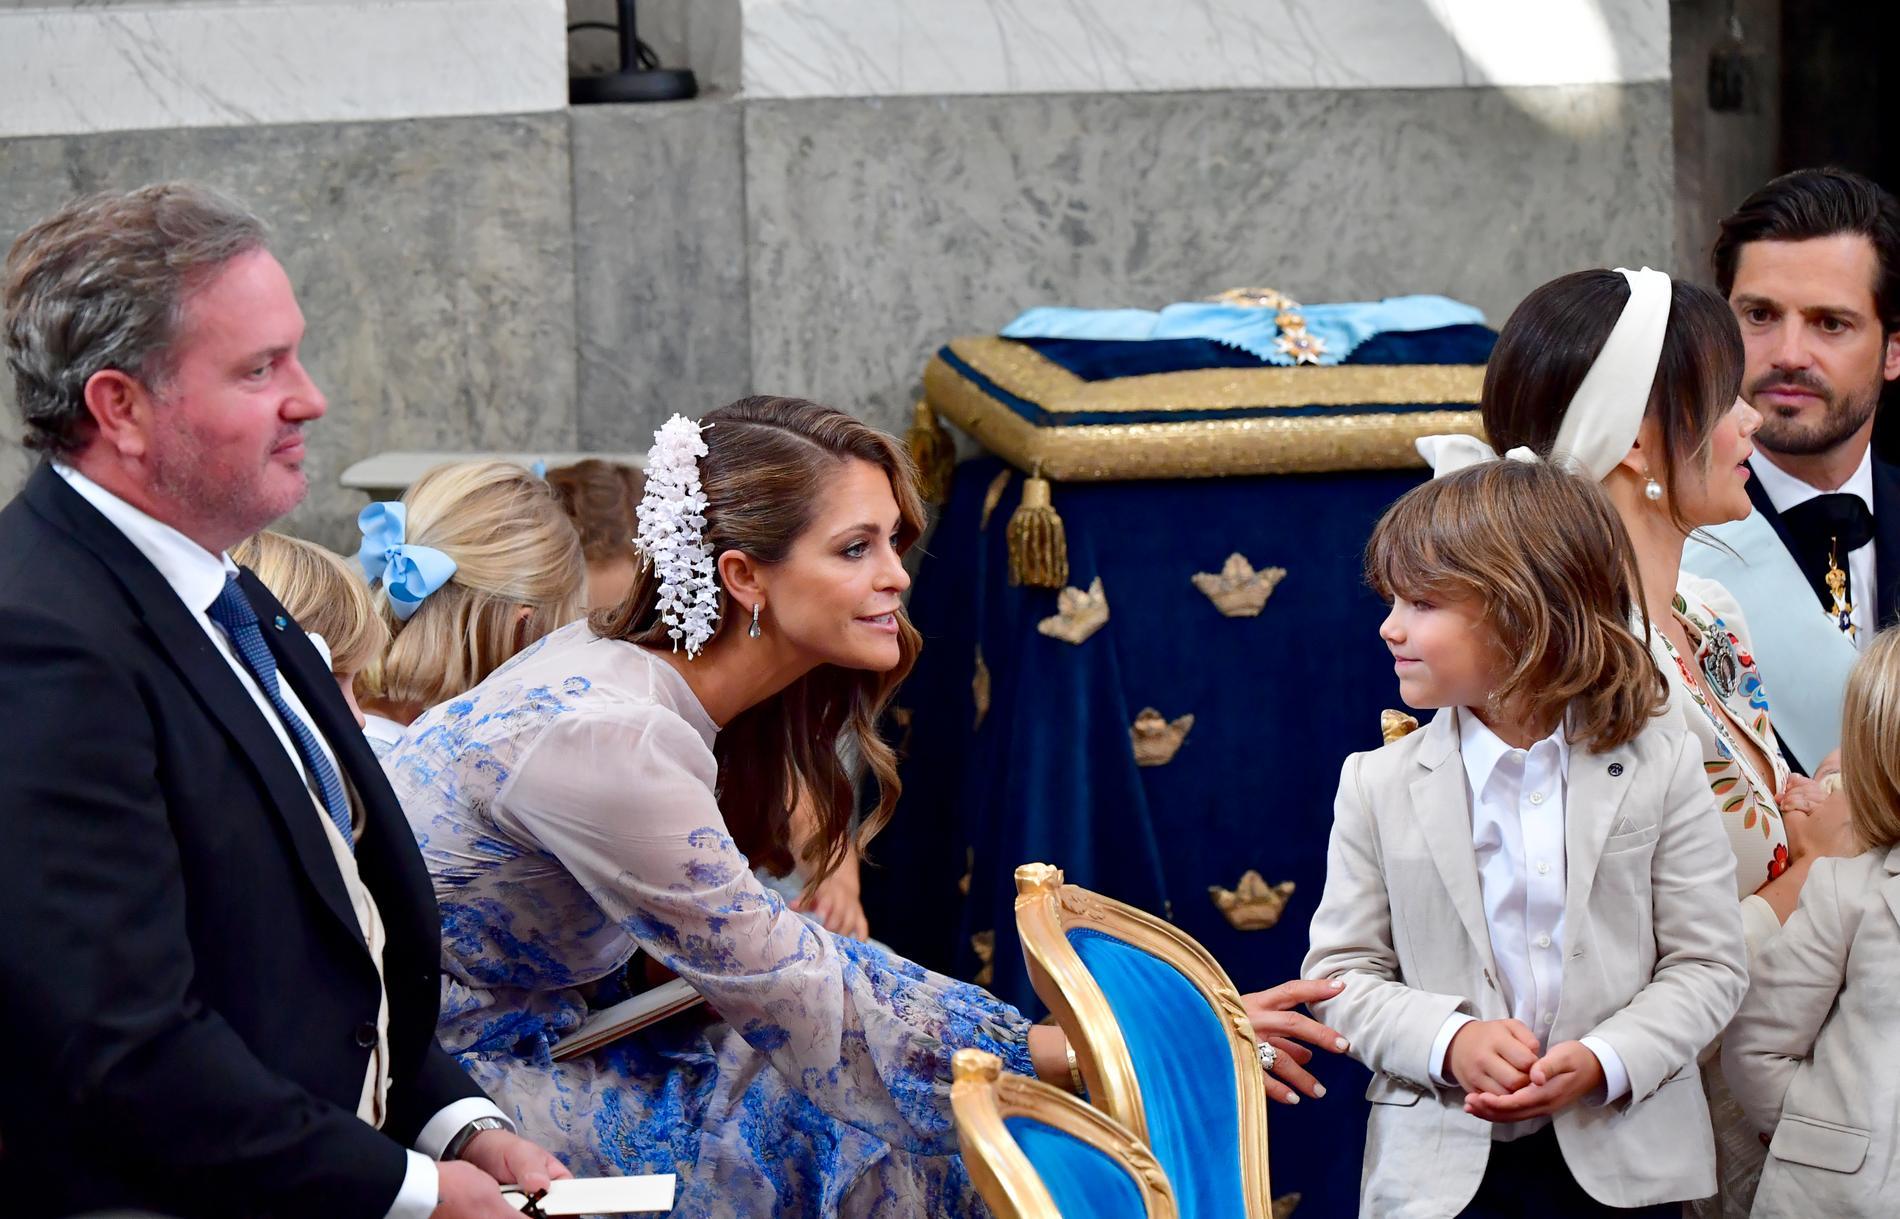 Christopher O'Neill, prinsessan Madeleine och prins Alexander.